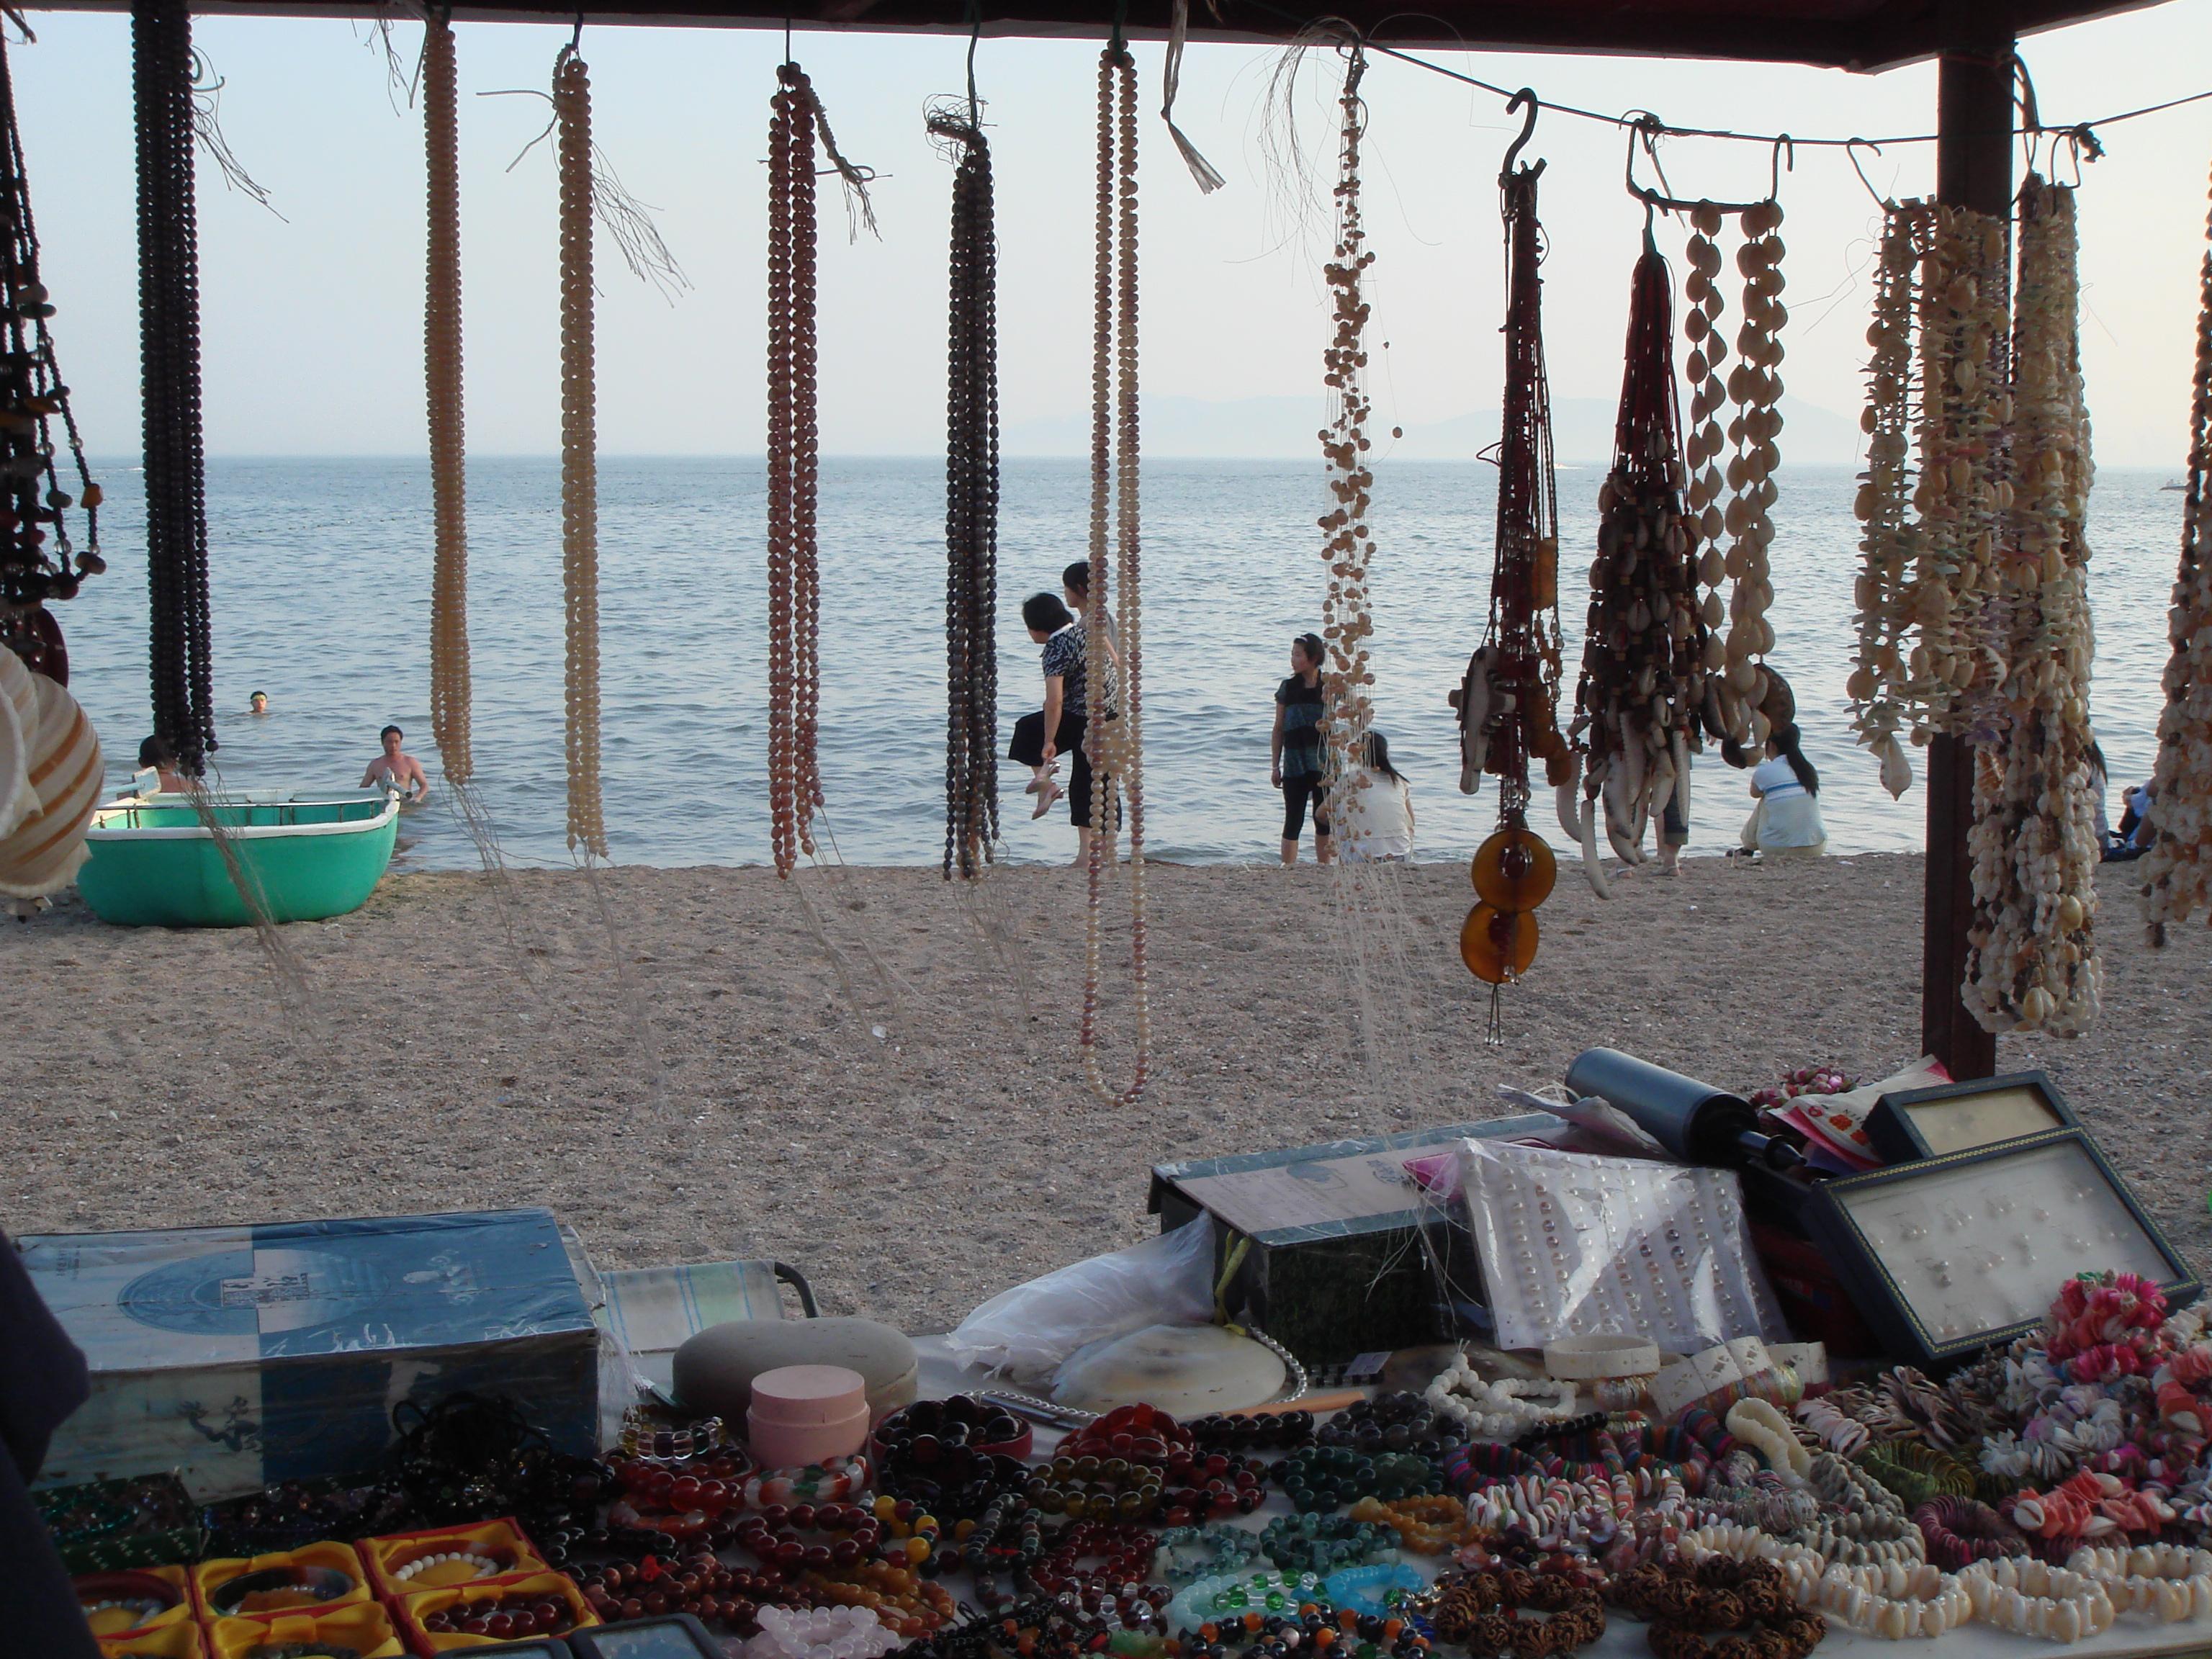 plage n°1 qingdao chine